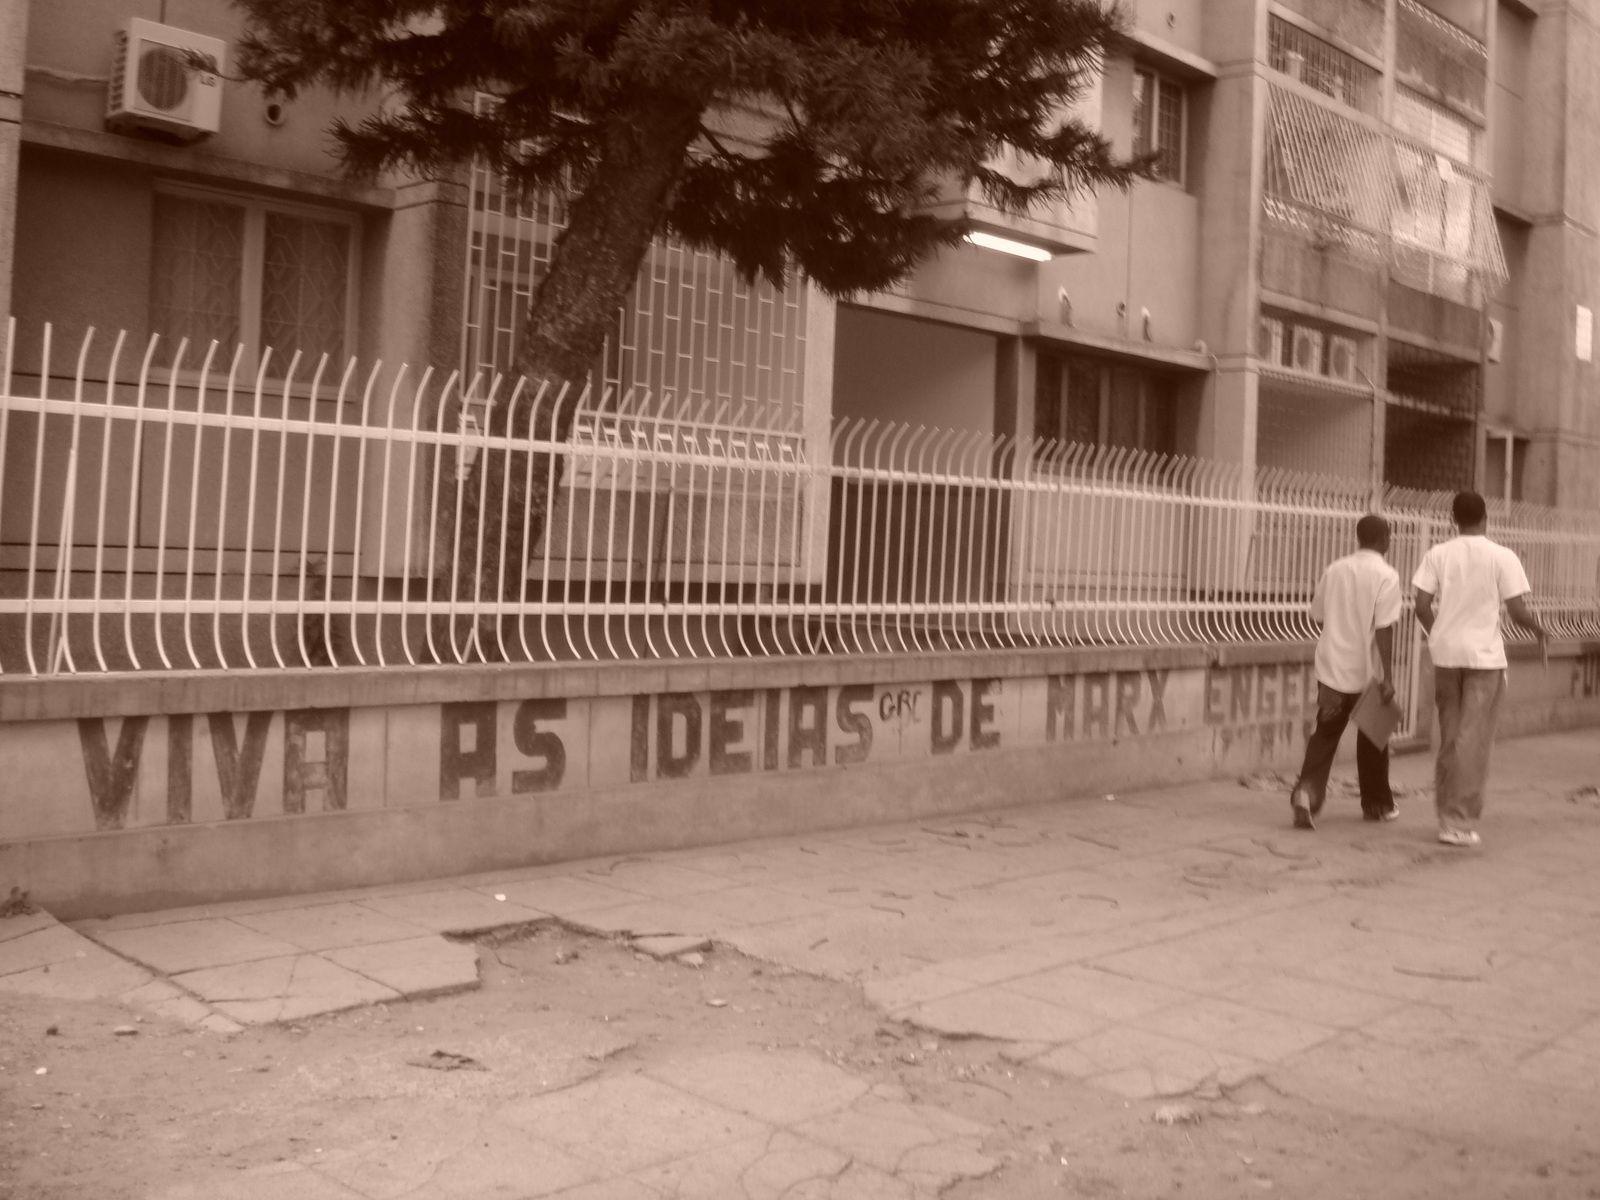 Inscriptions murales dans les rues de Maputo, stigmates de la période socialiste.